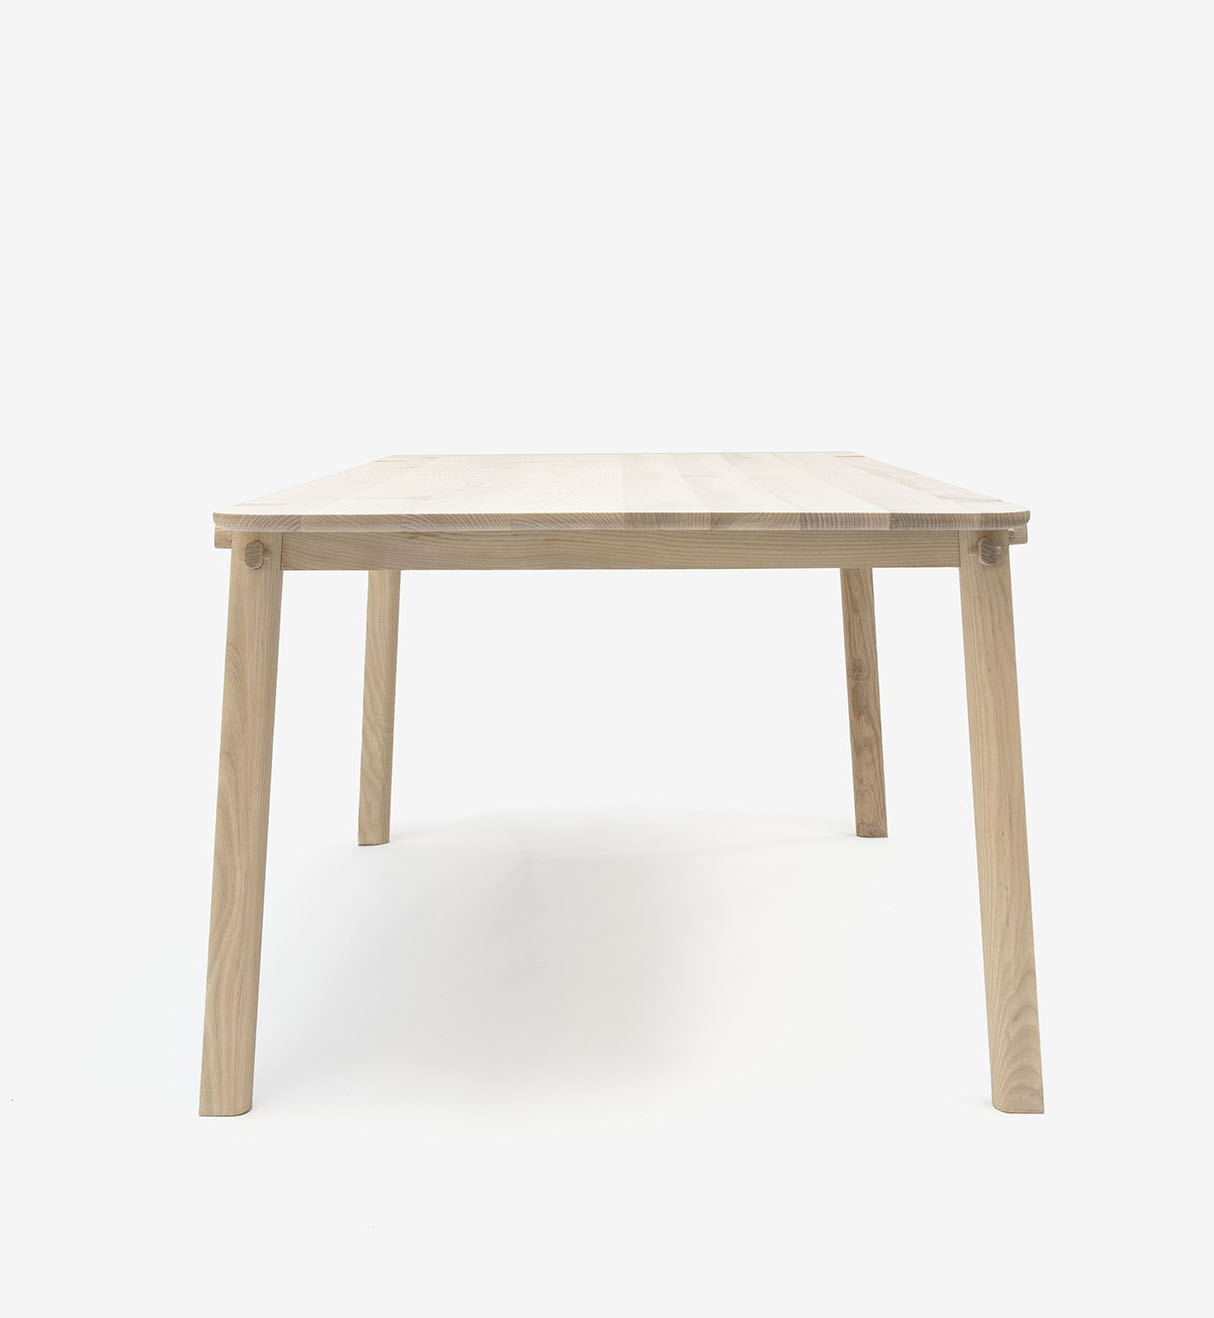 furn_table_front_bøøt4